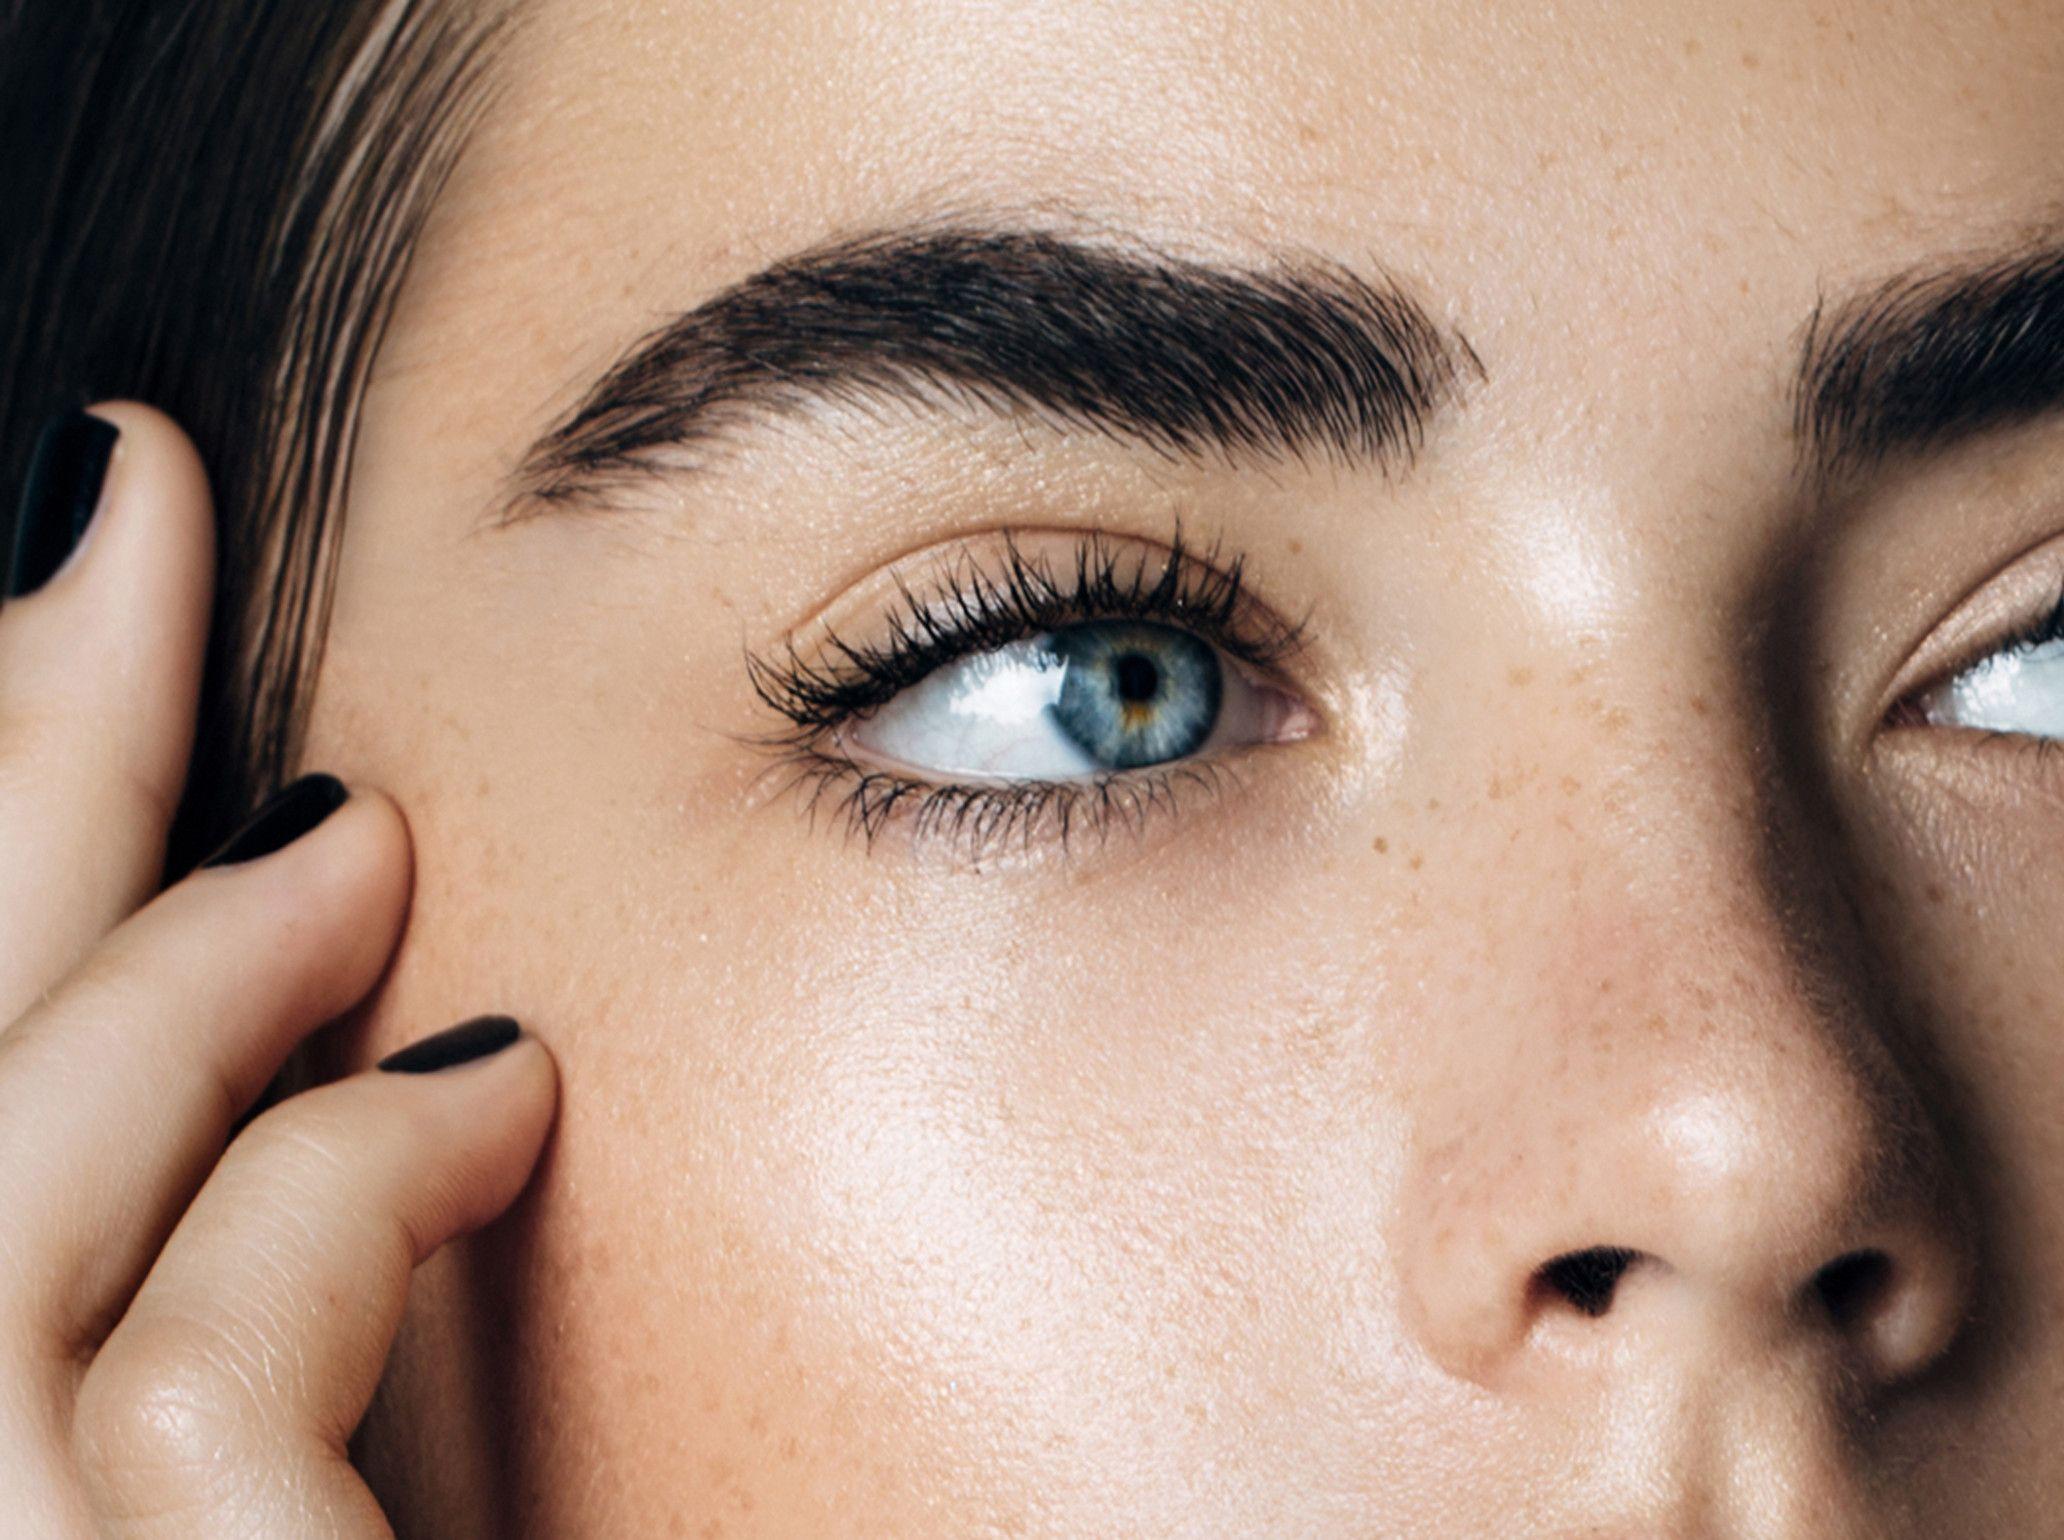 Augenbrauen in perfekter Form dank H&M   Augenbrauen ...